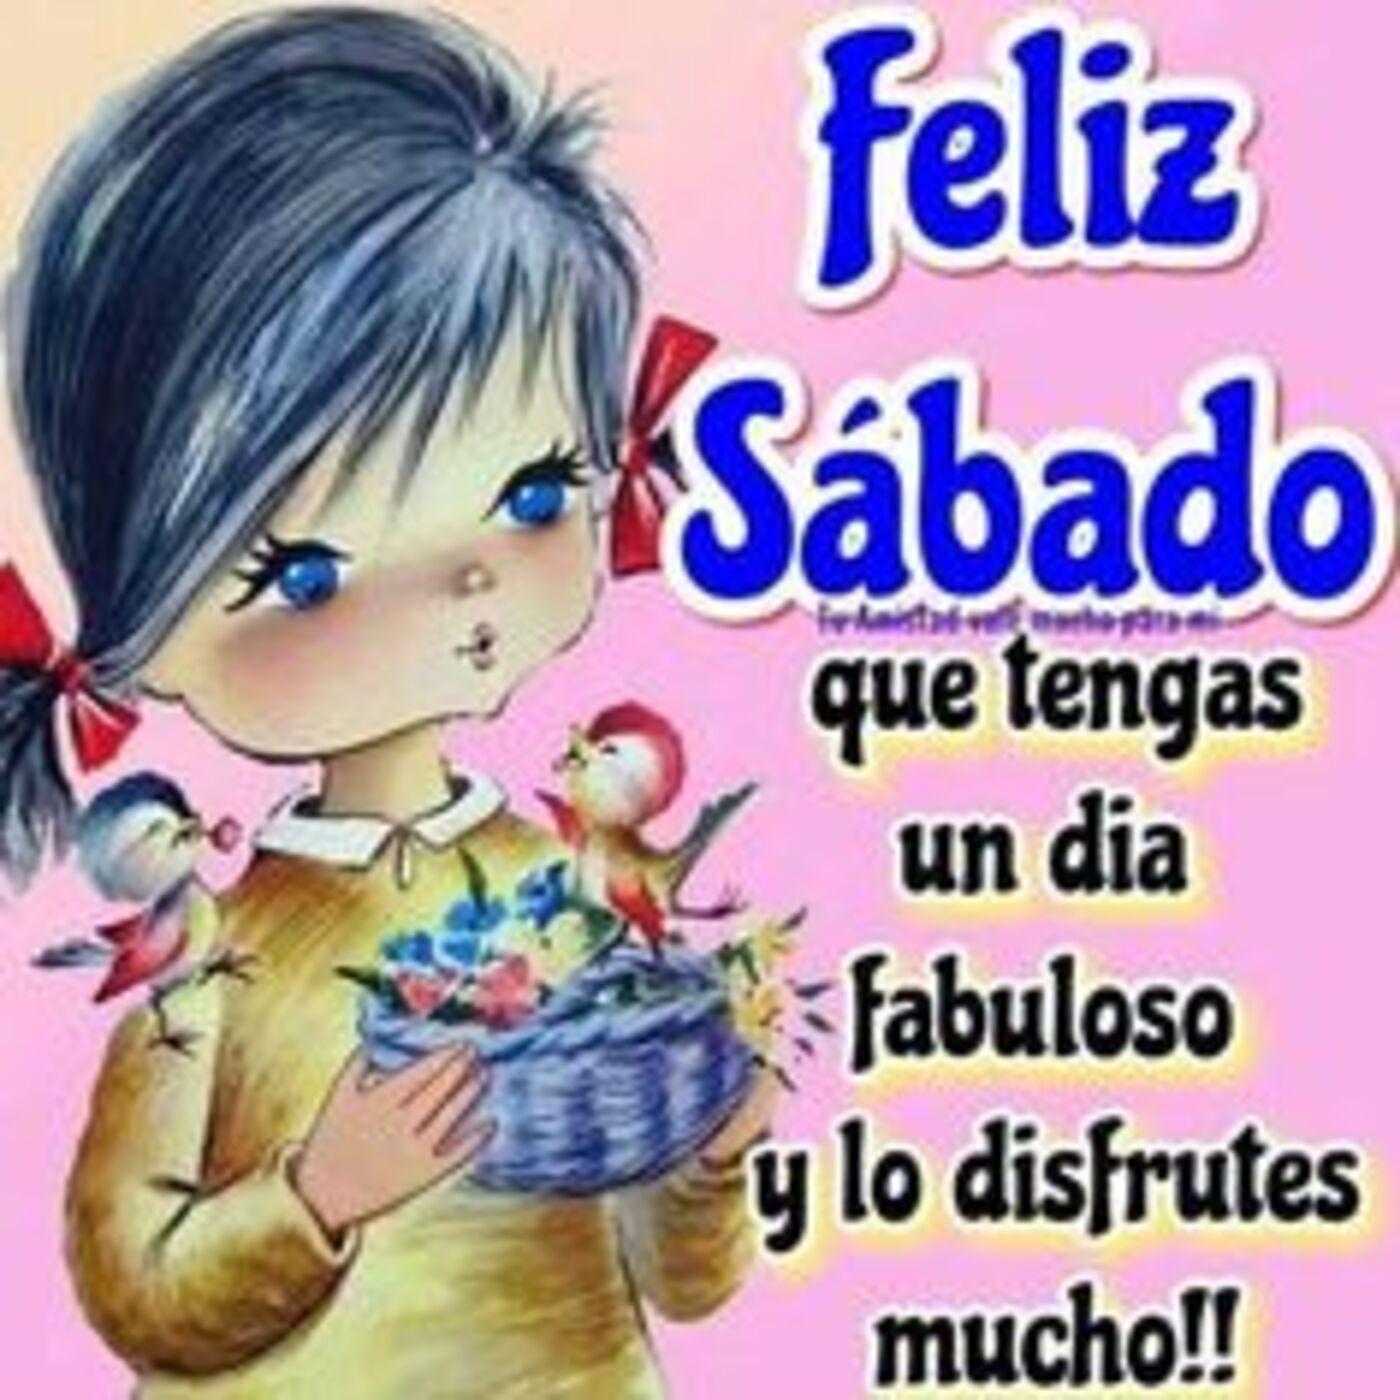 Feliz sábado que tengas un día fabuloso y lo disfrutes mucho!!